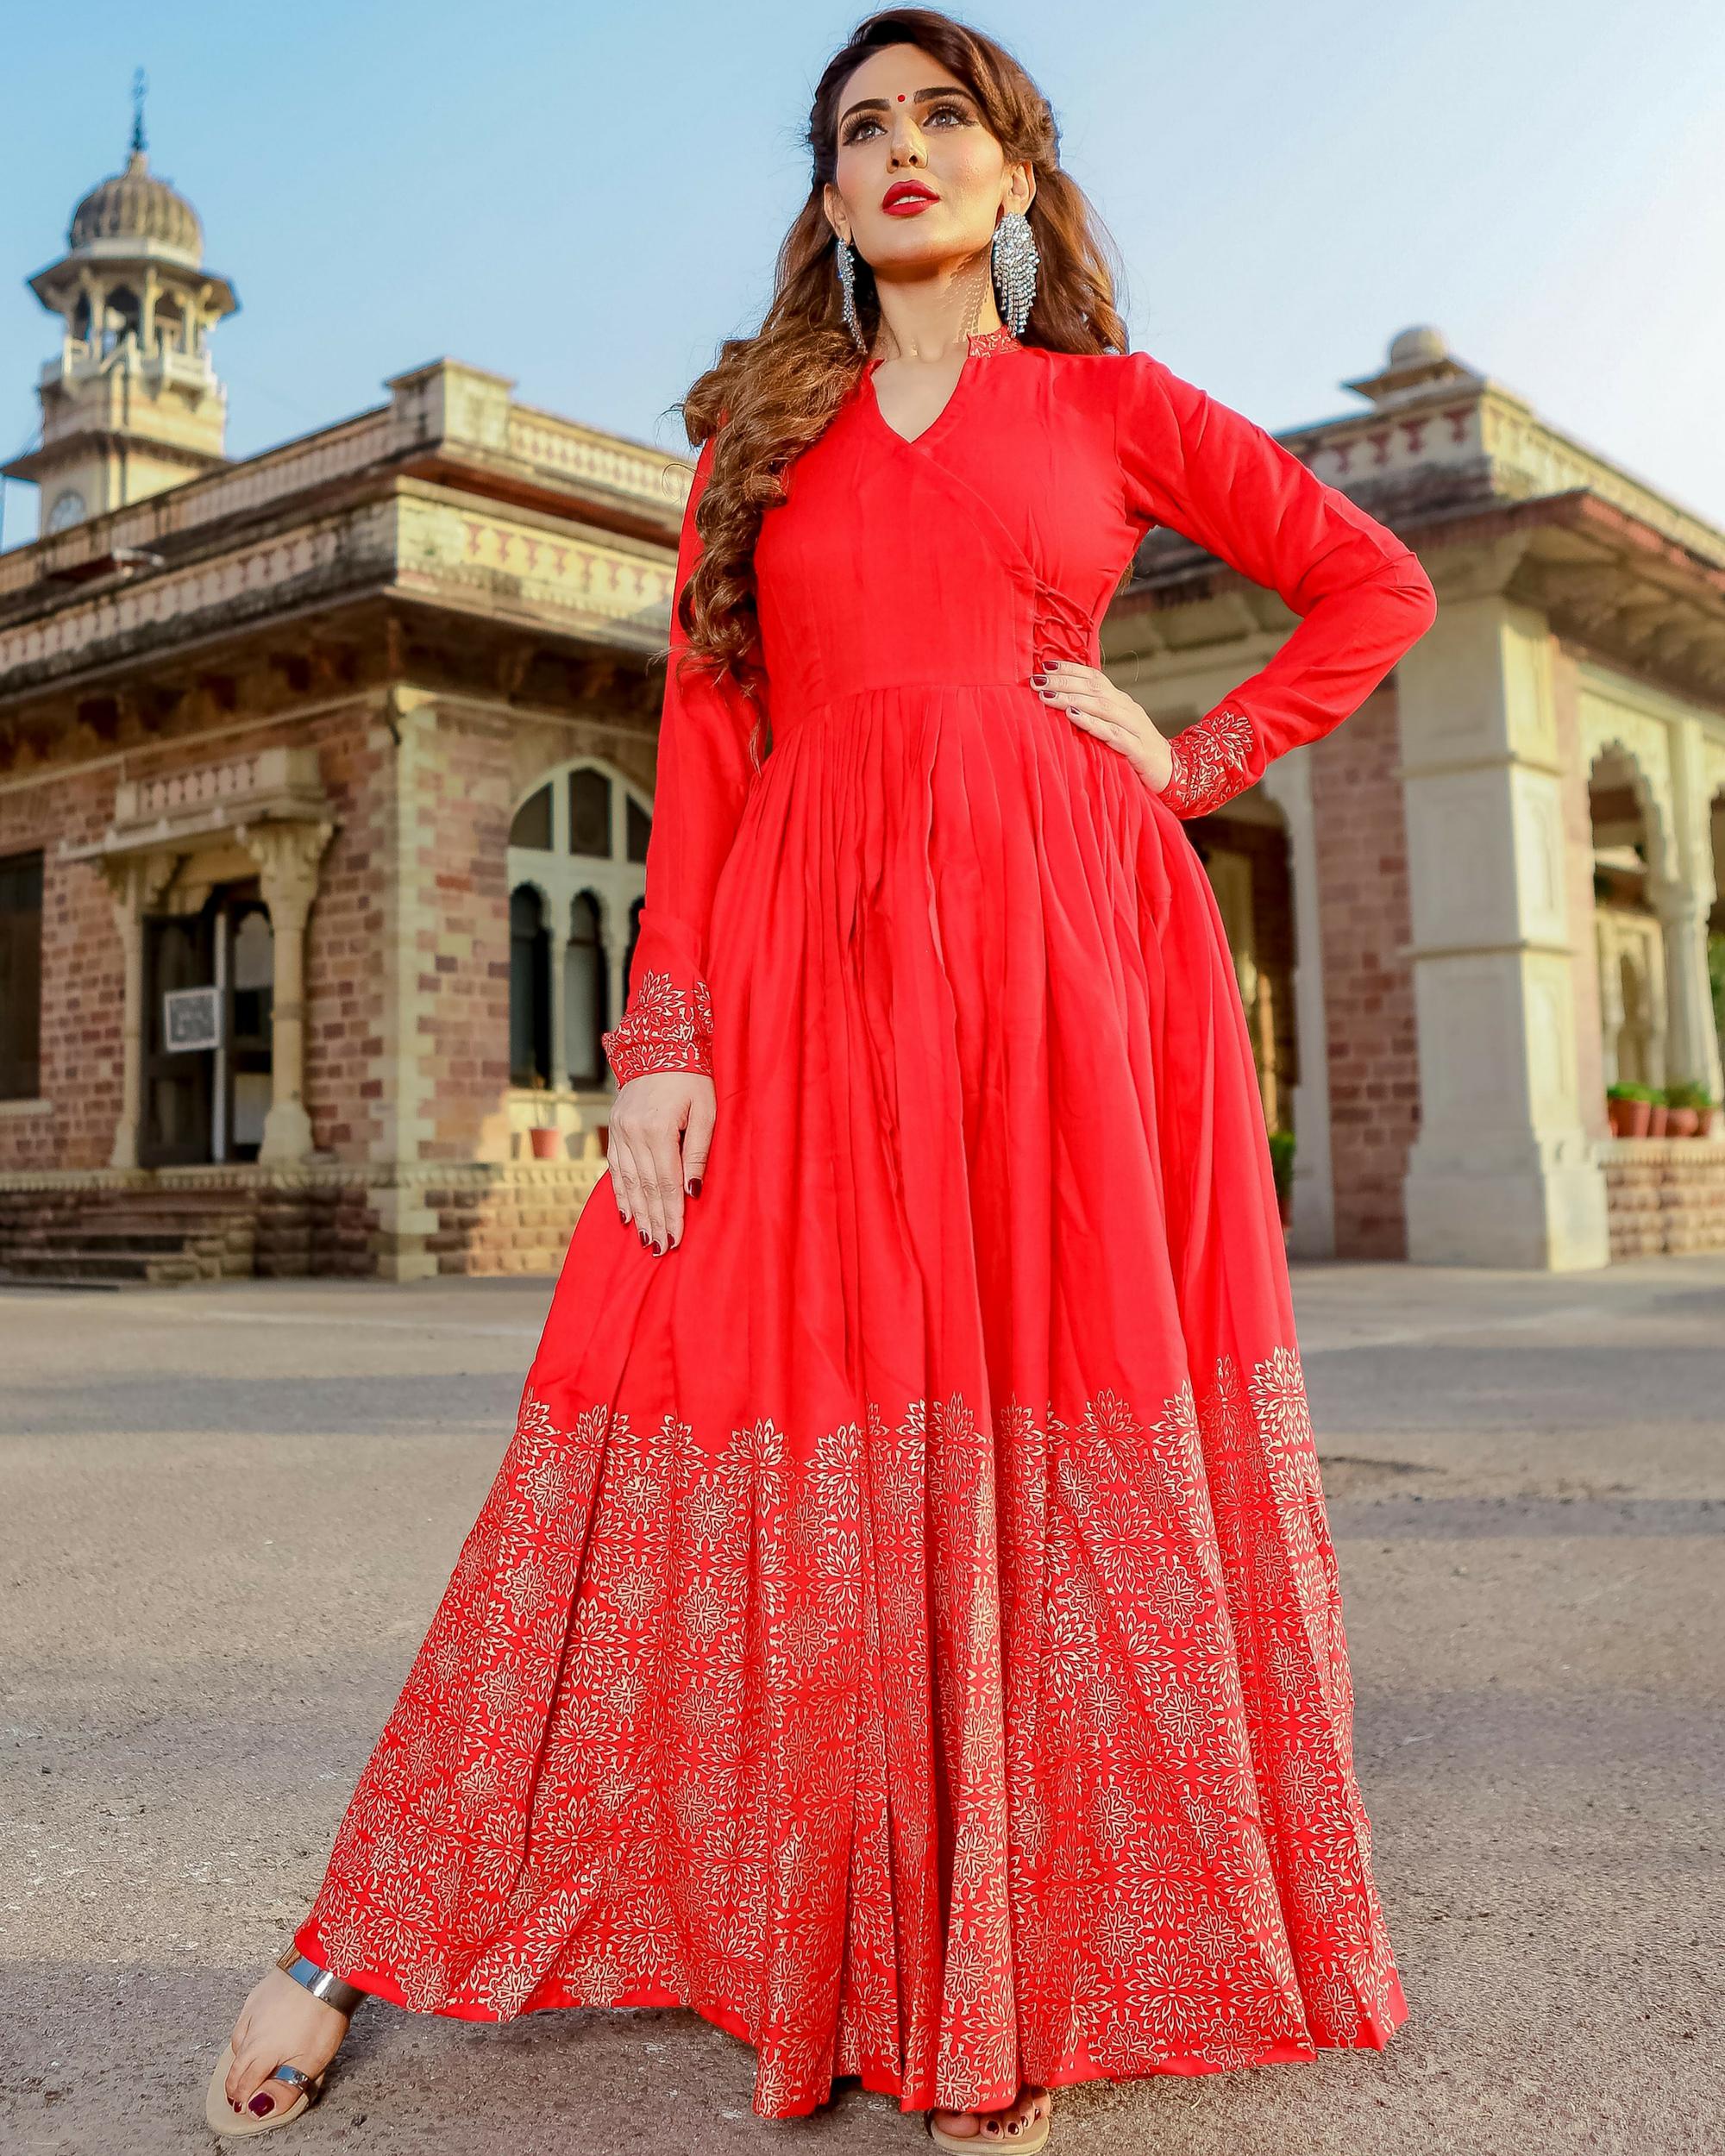 Red printed angrakha dress